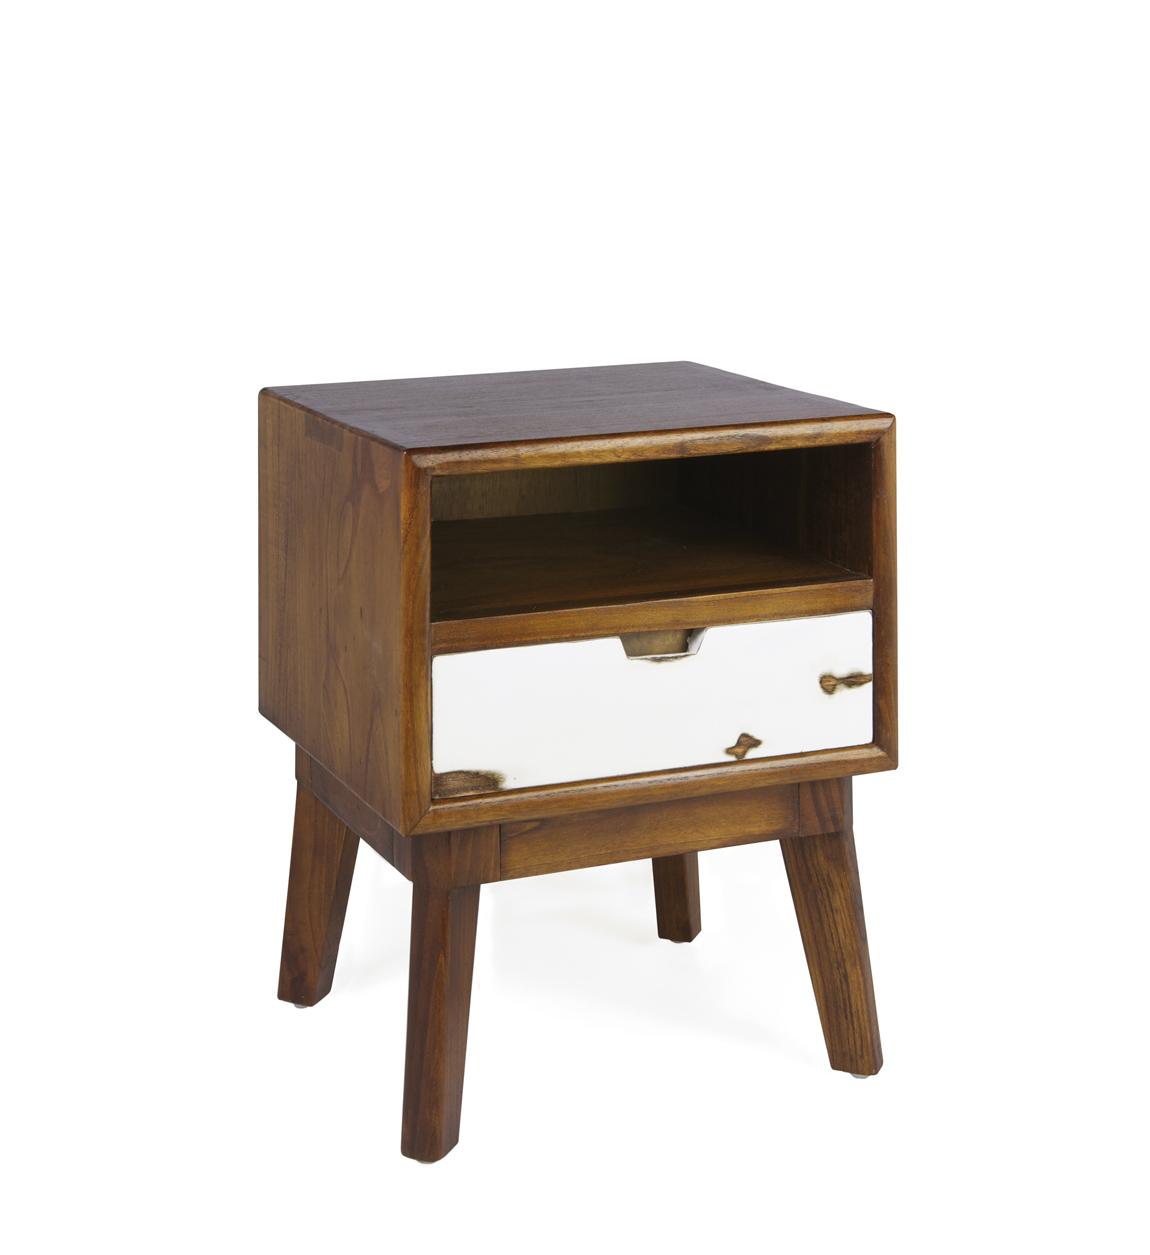 Table de chevet en bois marron et tiroir blanc L 45 cm